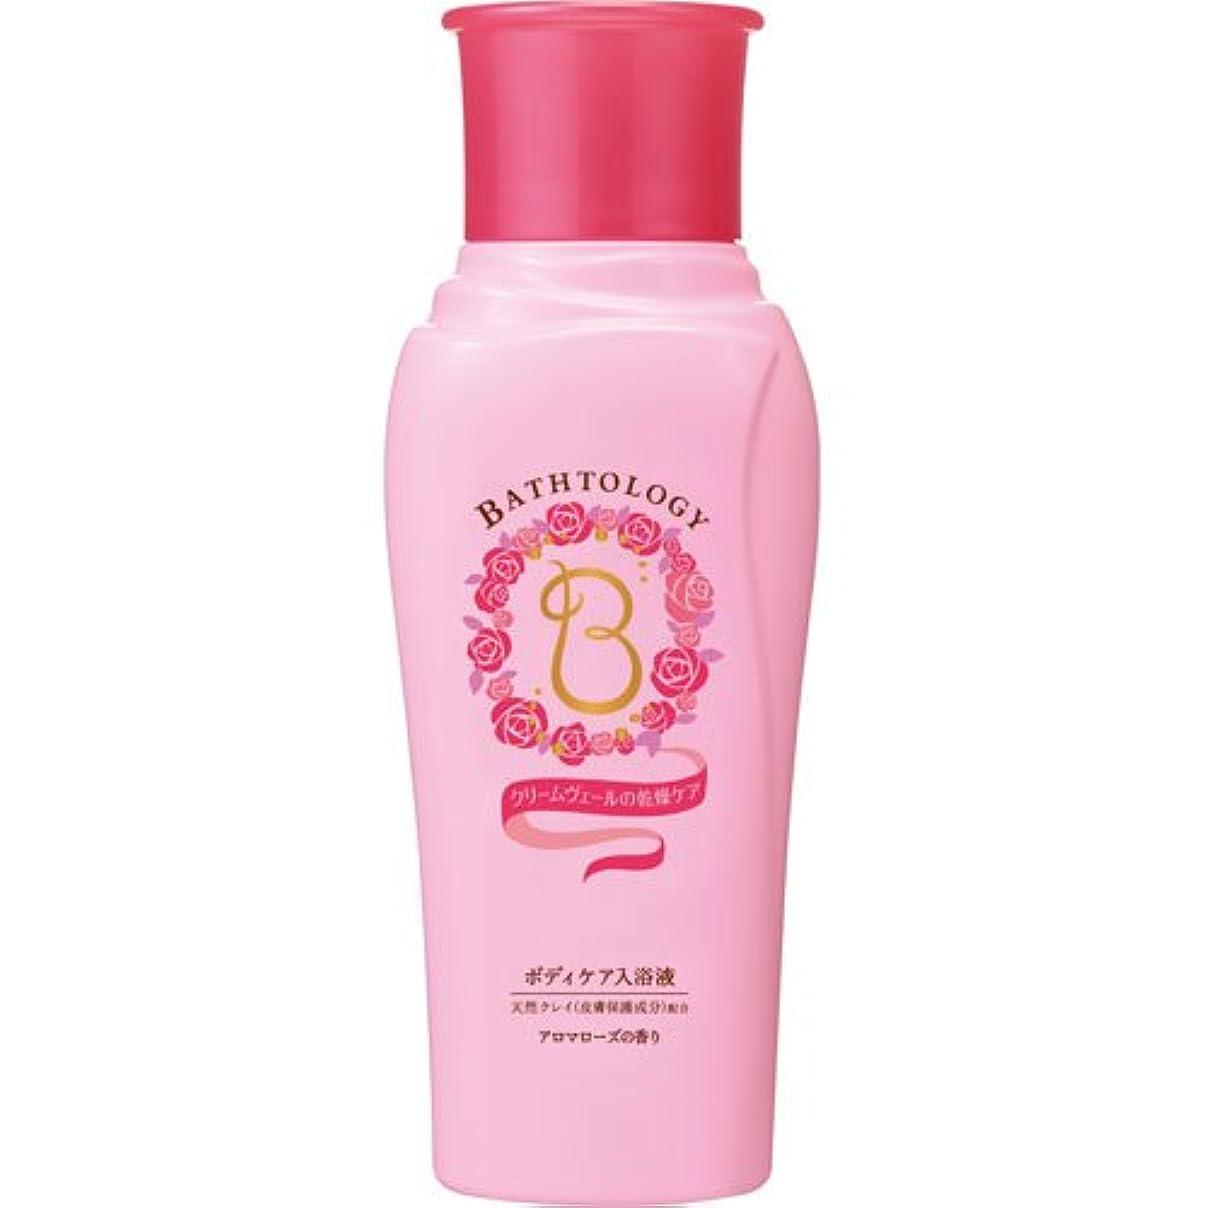 変換ドロップ下るBATHTOLOGY ボディケア入浴液 アロマローズの香り 本体 450mL